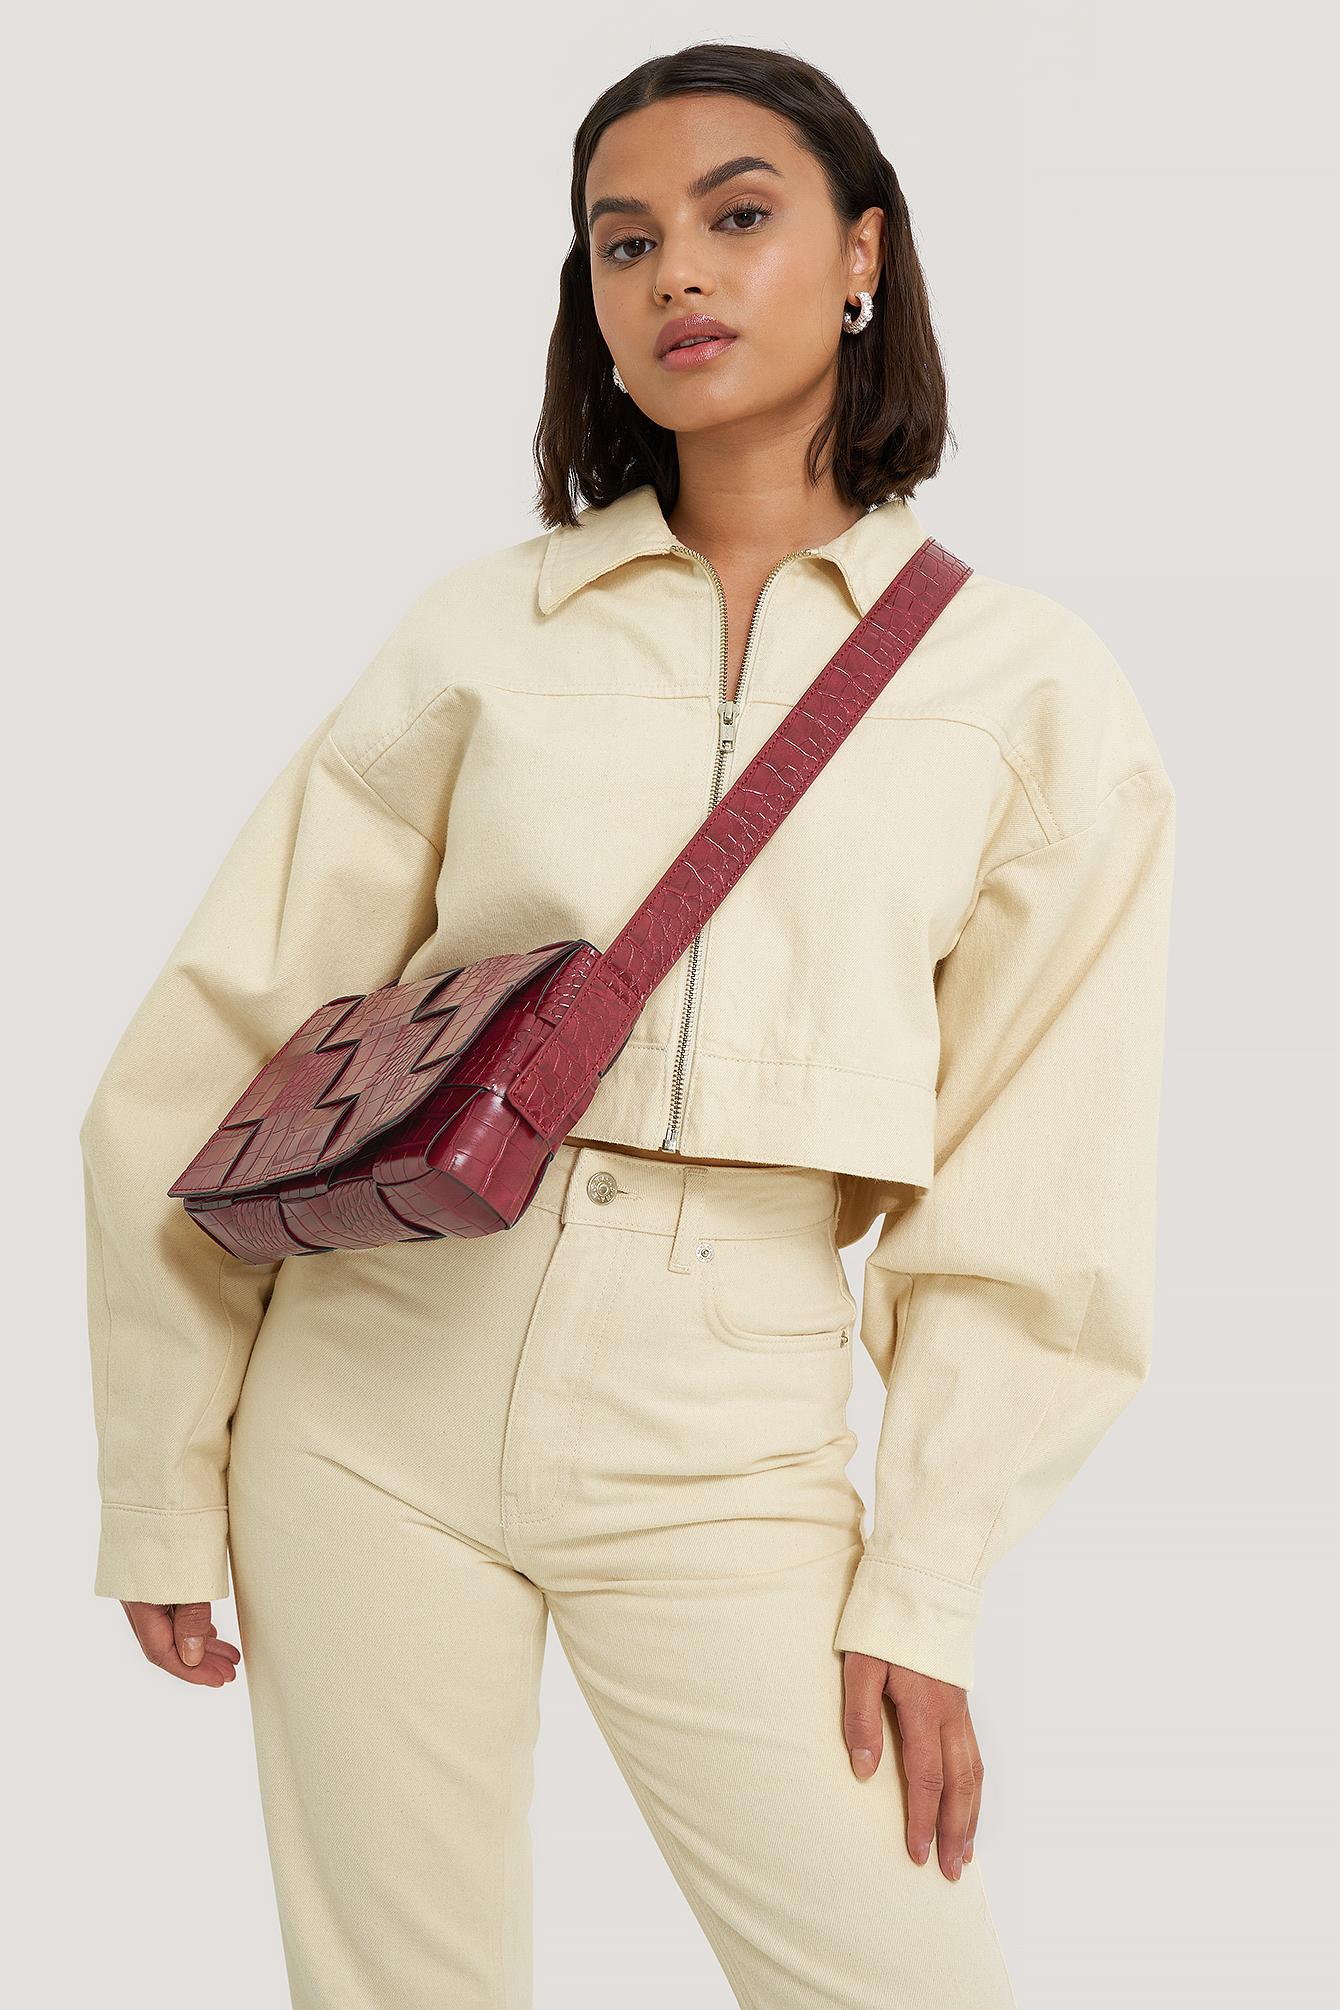 NA-KD Accessories Gewebte Umhängetasche - Red | Taschen > Handtaschen > Umhängetaschen | NA-KD Accessories